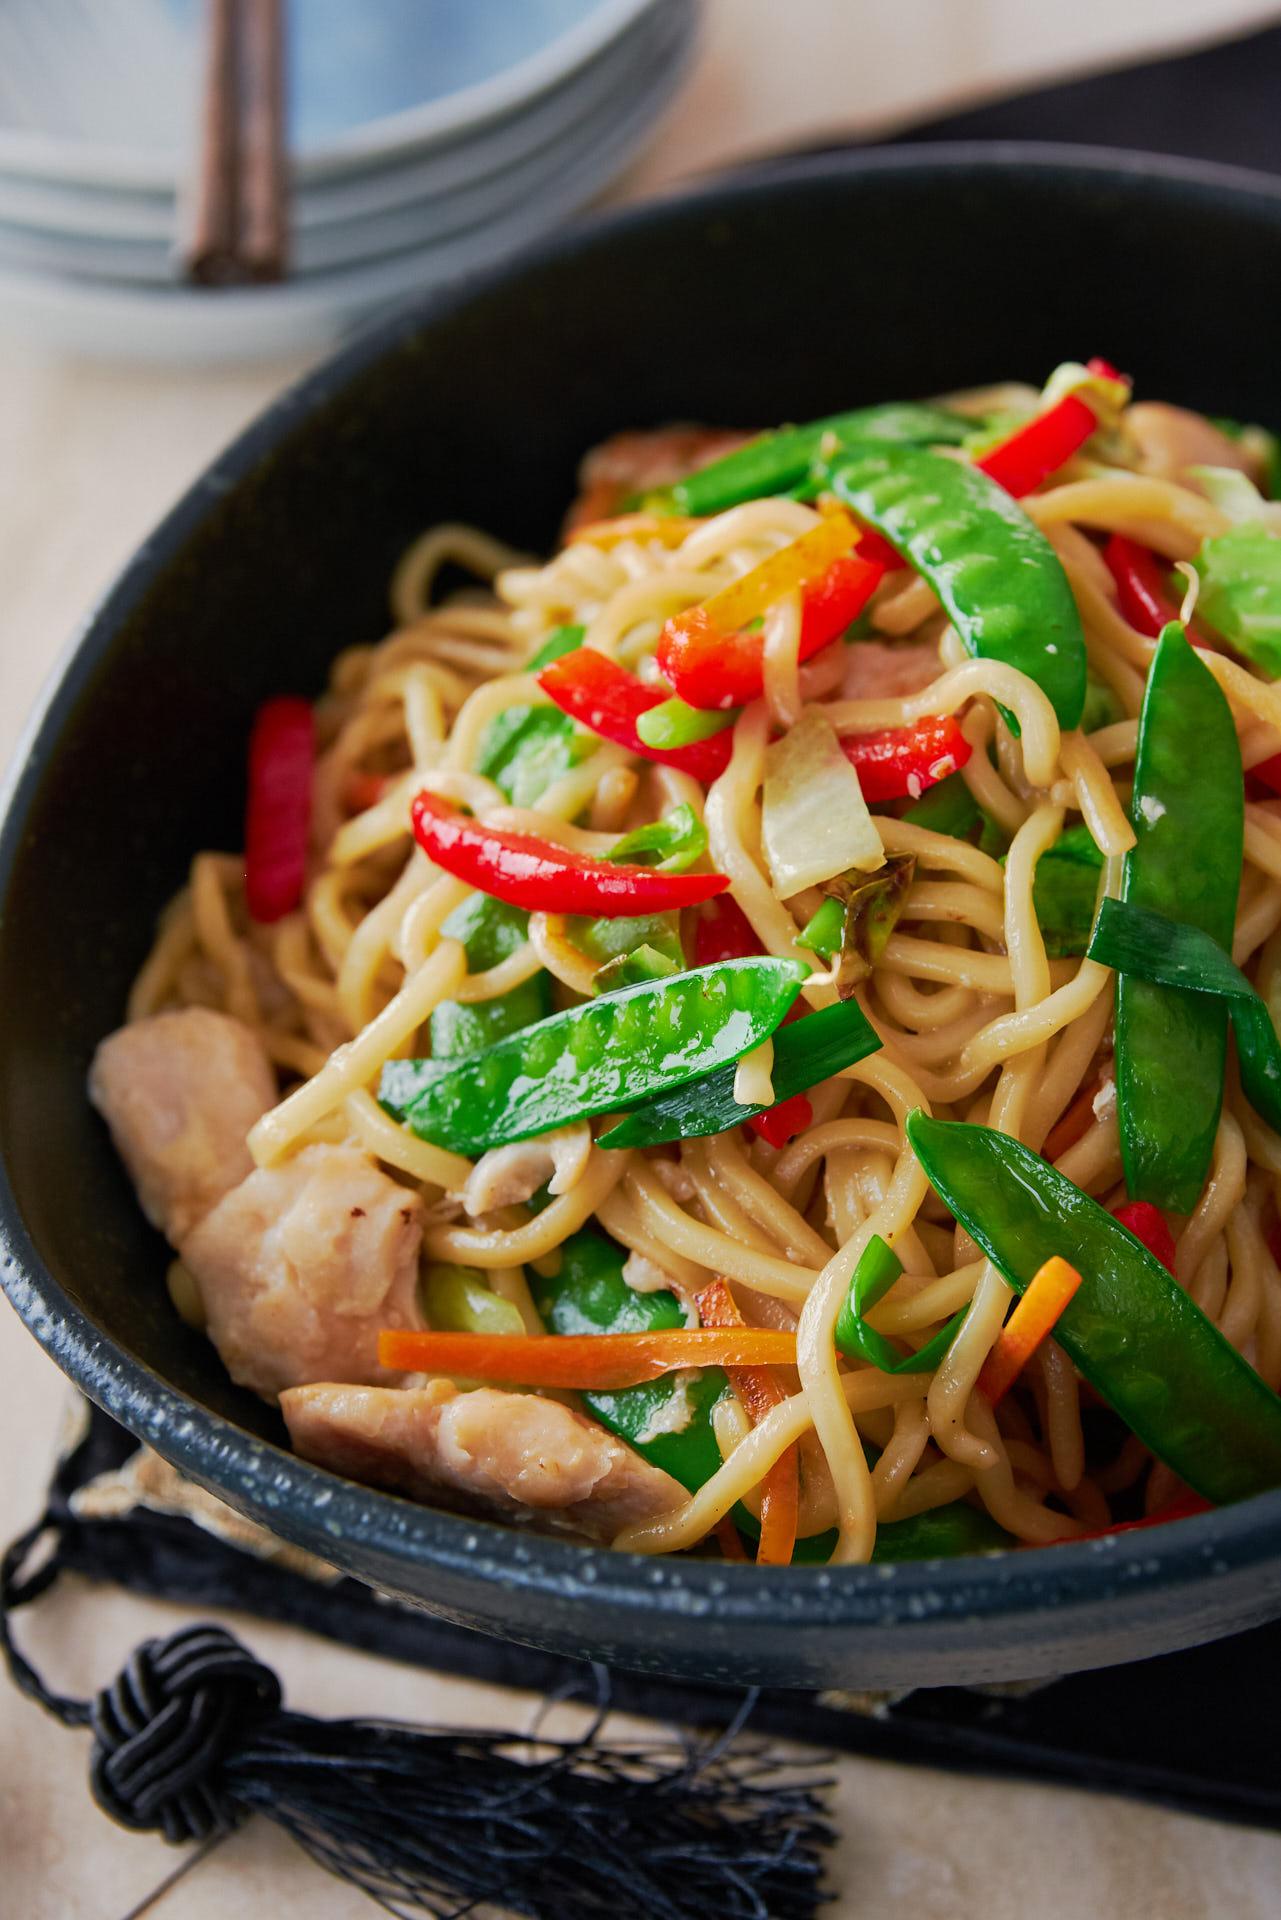 Best Chicken Chow Mein Recipe 炒面